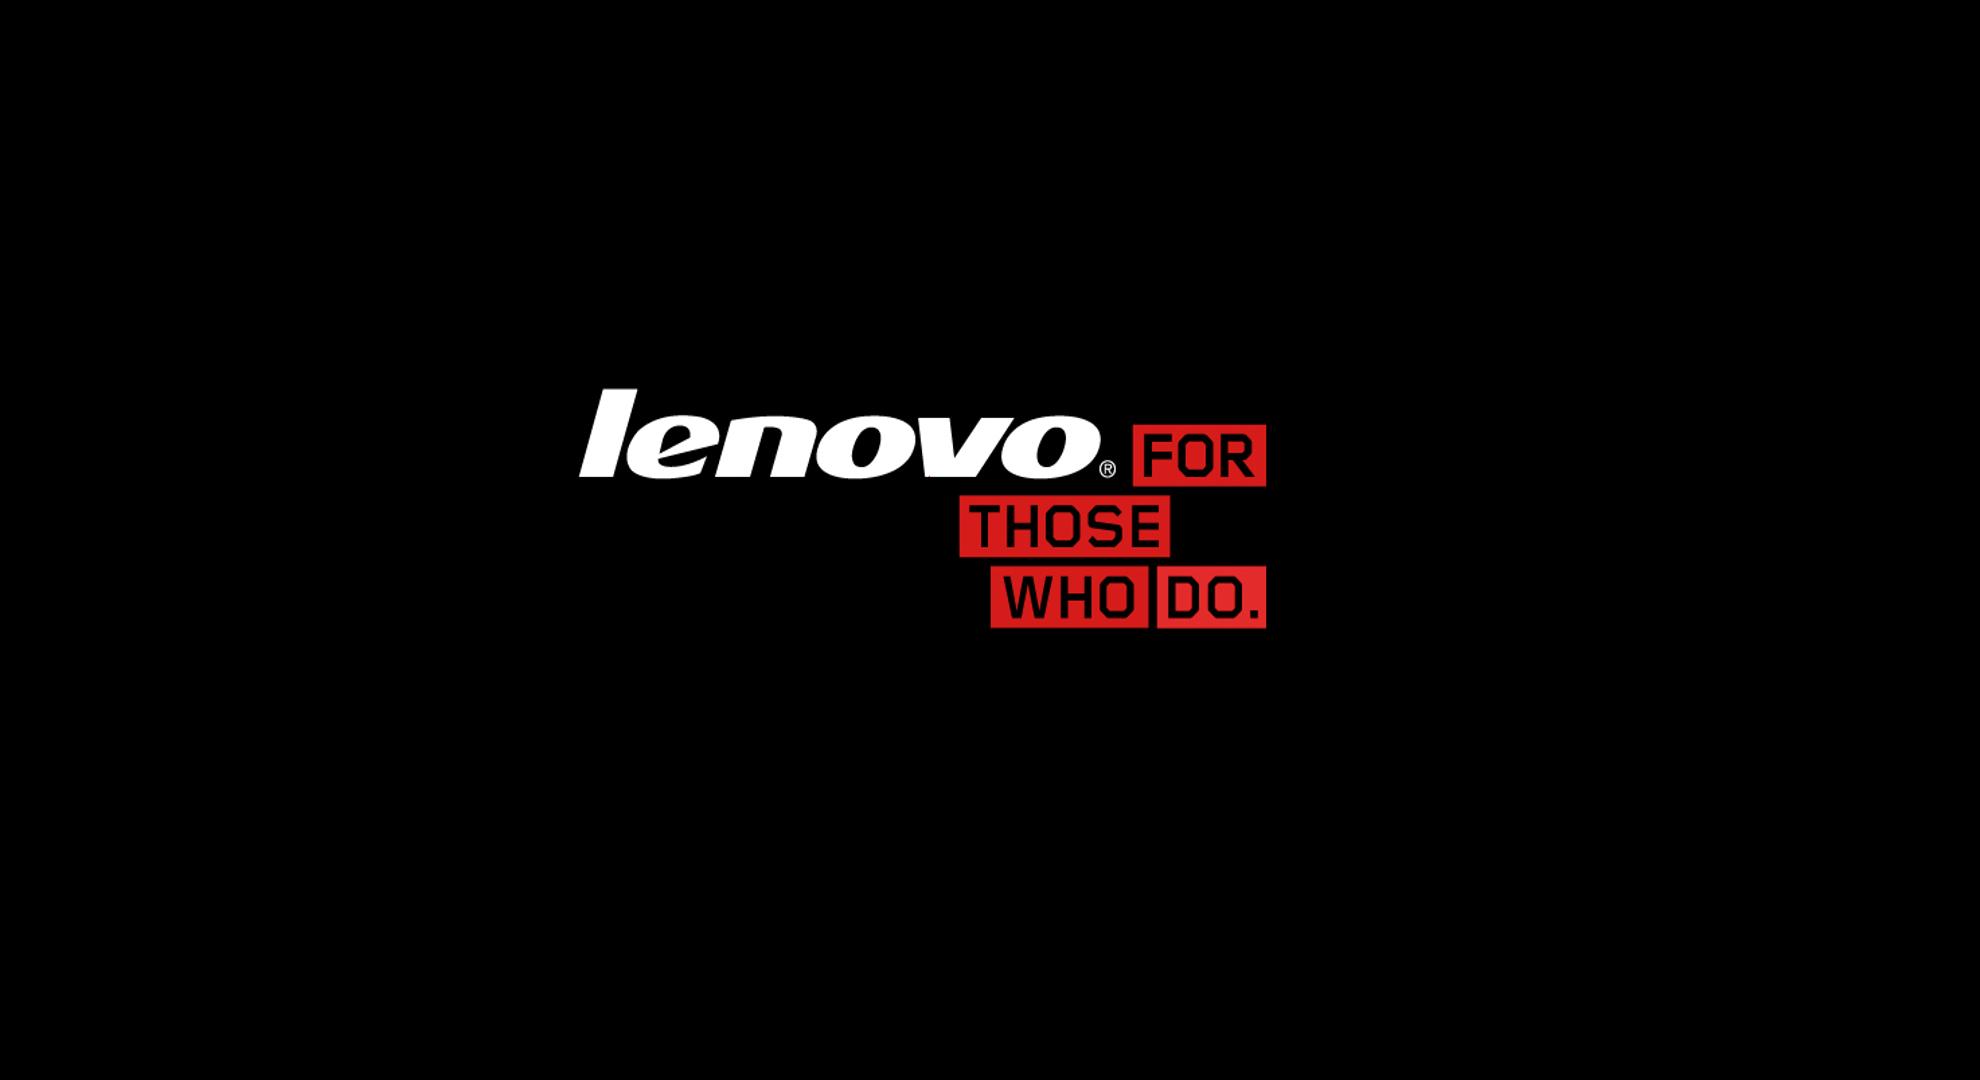 Lenovo Wallpapers Hd